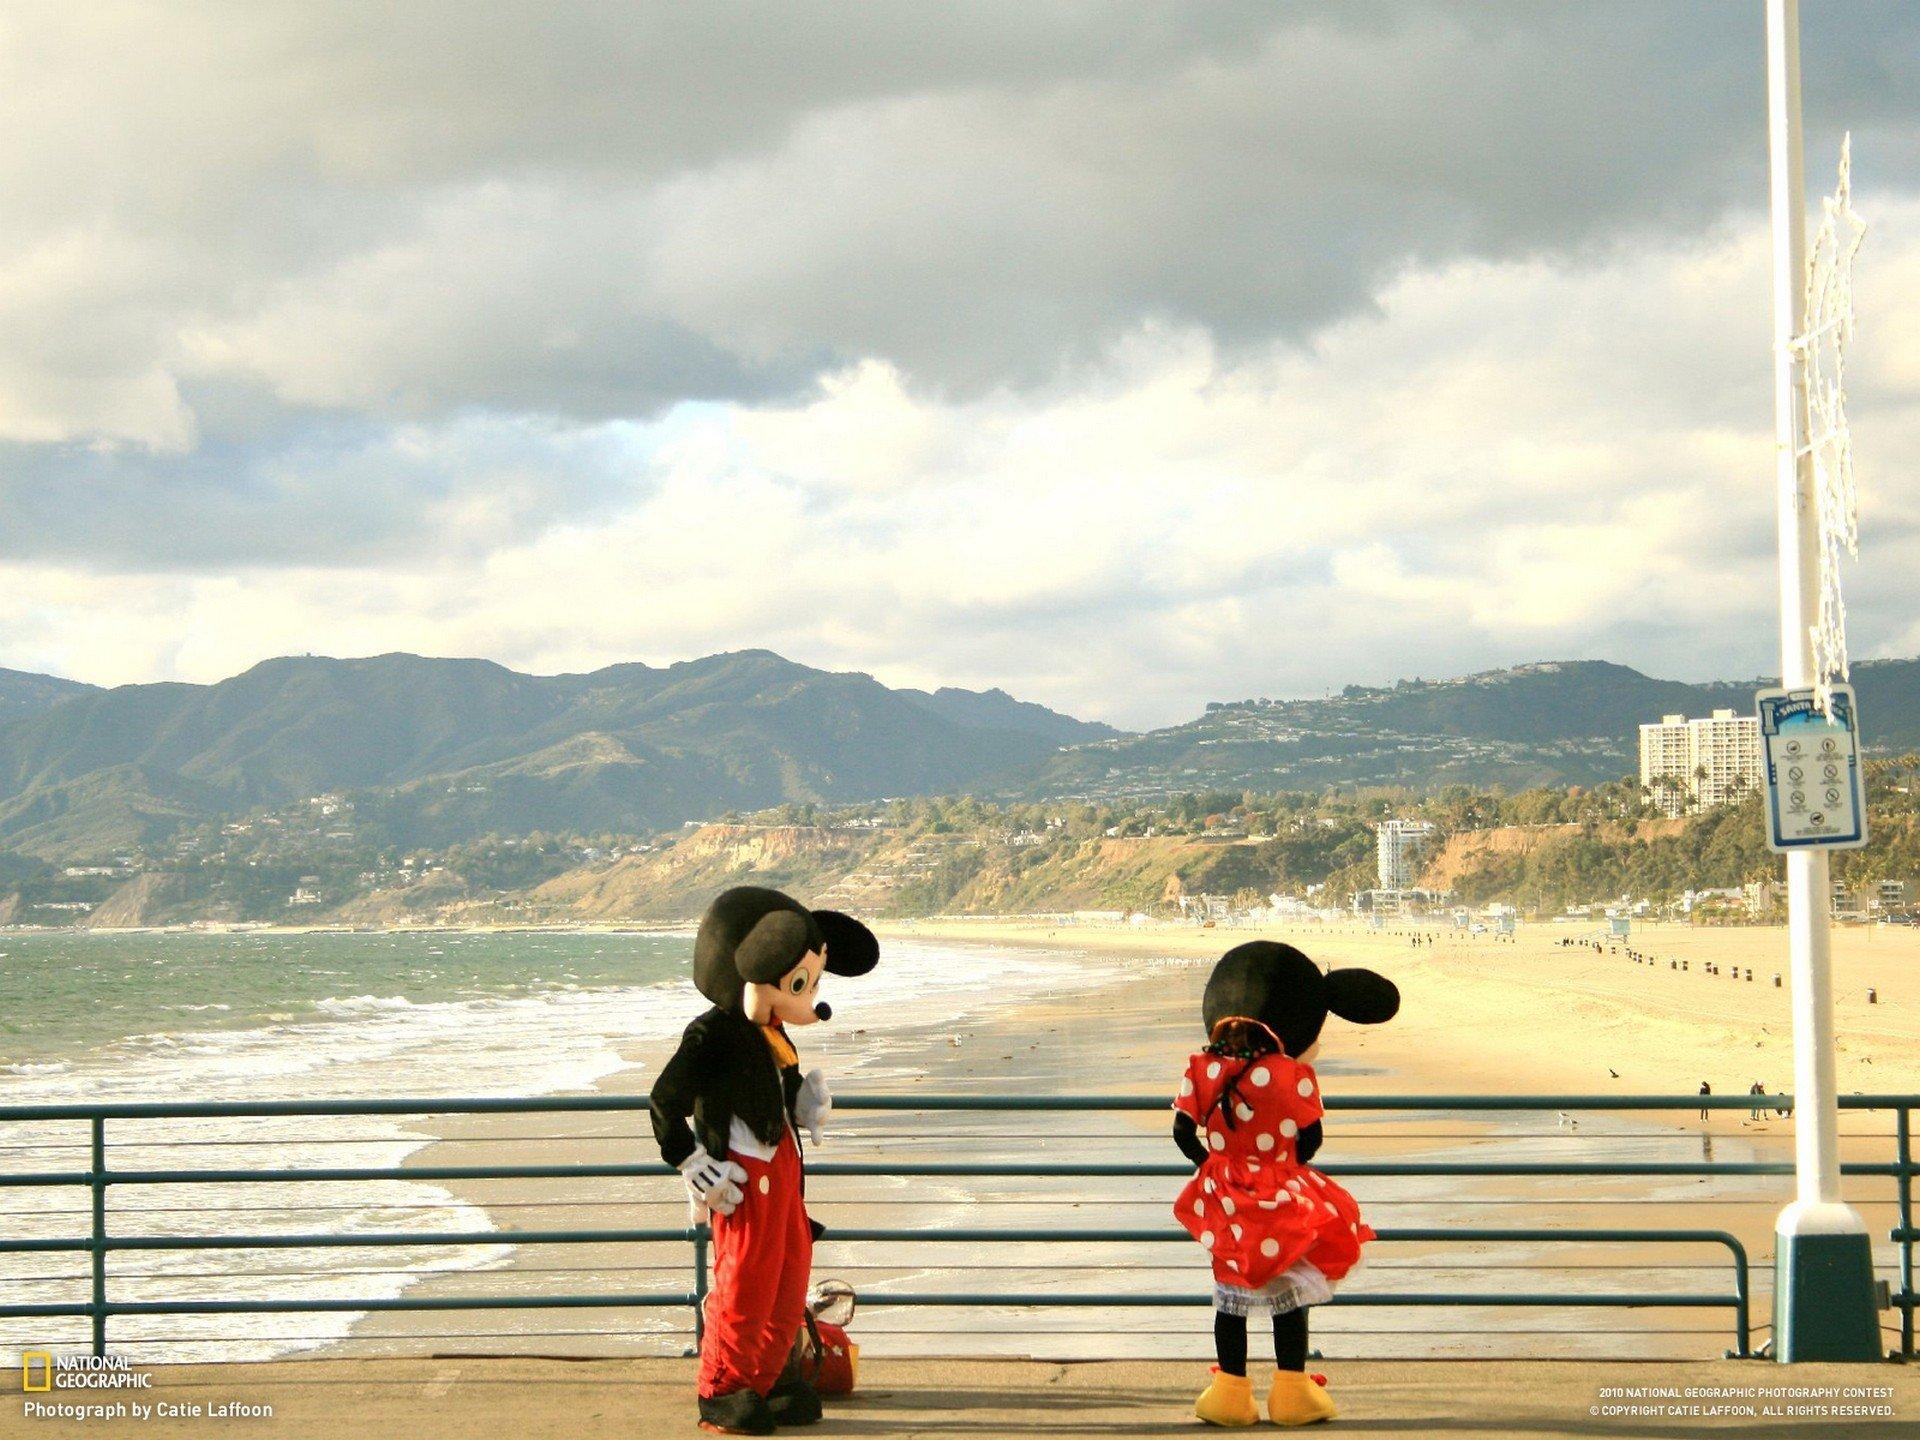 デスクトップ壁紙 19x1440 Px ビーチ カリフォルニア コスチューム 面白い 地理的 風景 ミッキー ミニ モニカ マウス 全国 自然 橋 手すり サンタ 19x1440 Goodfon デスクトップ壁紙 Wallhere